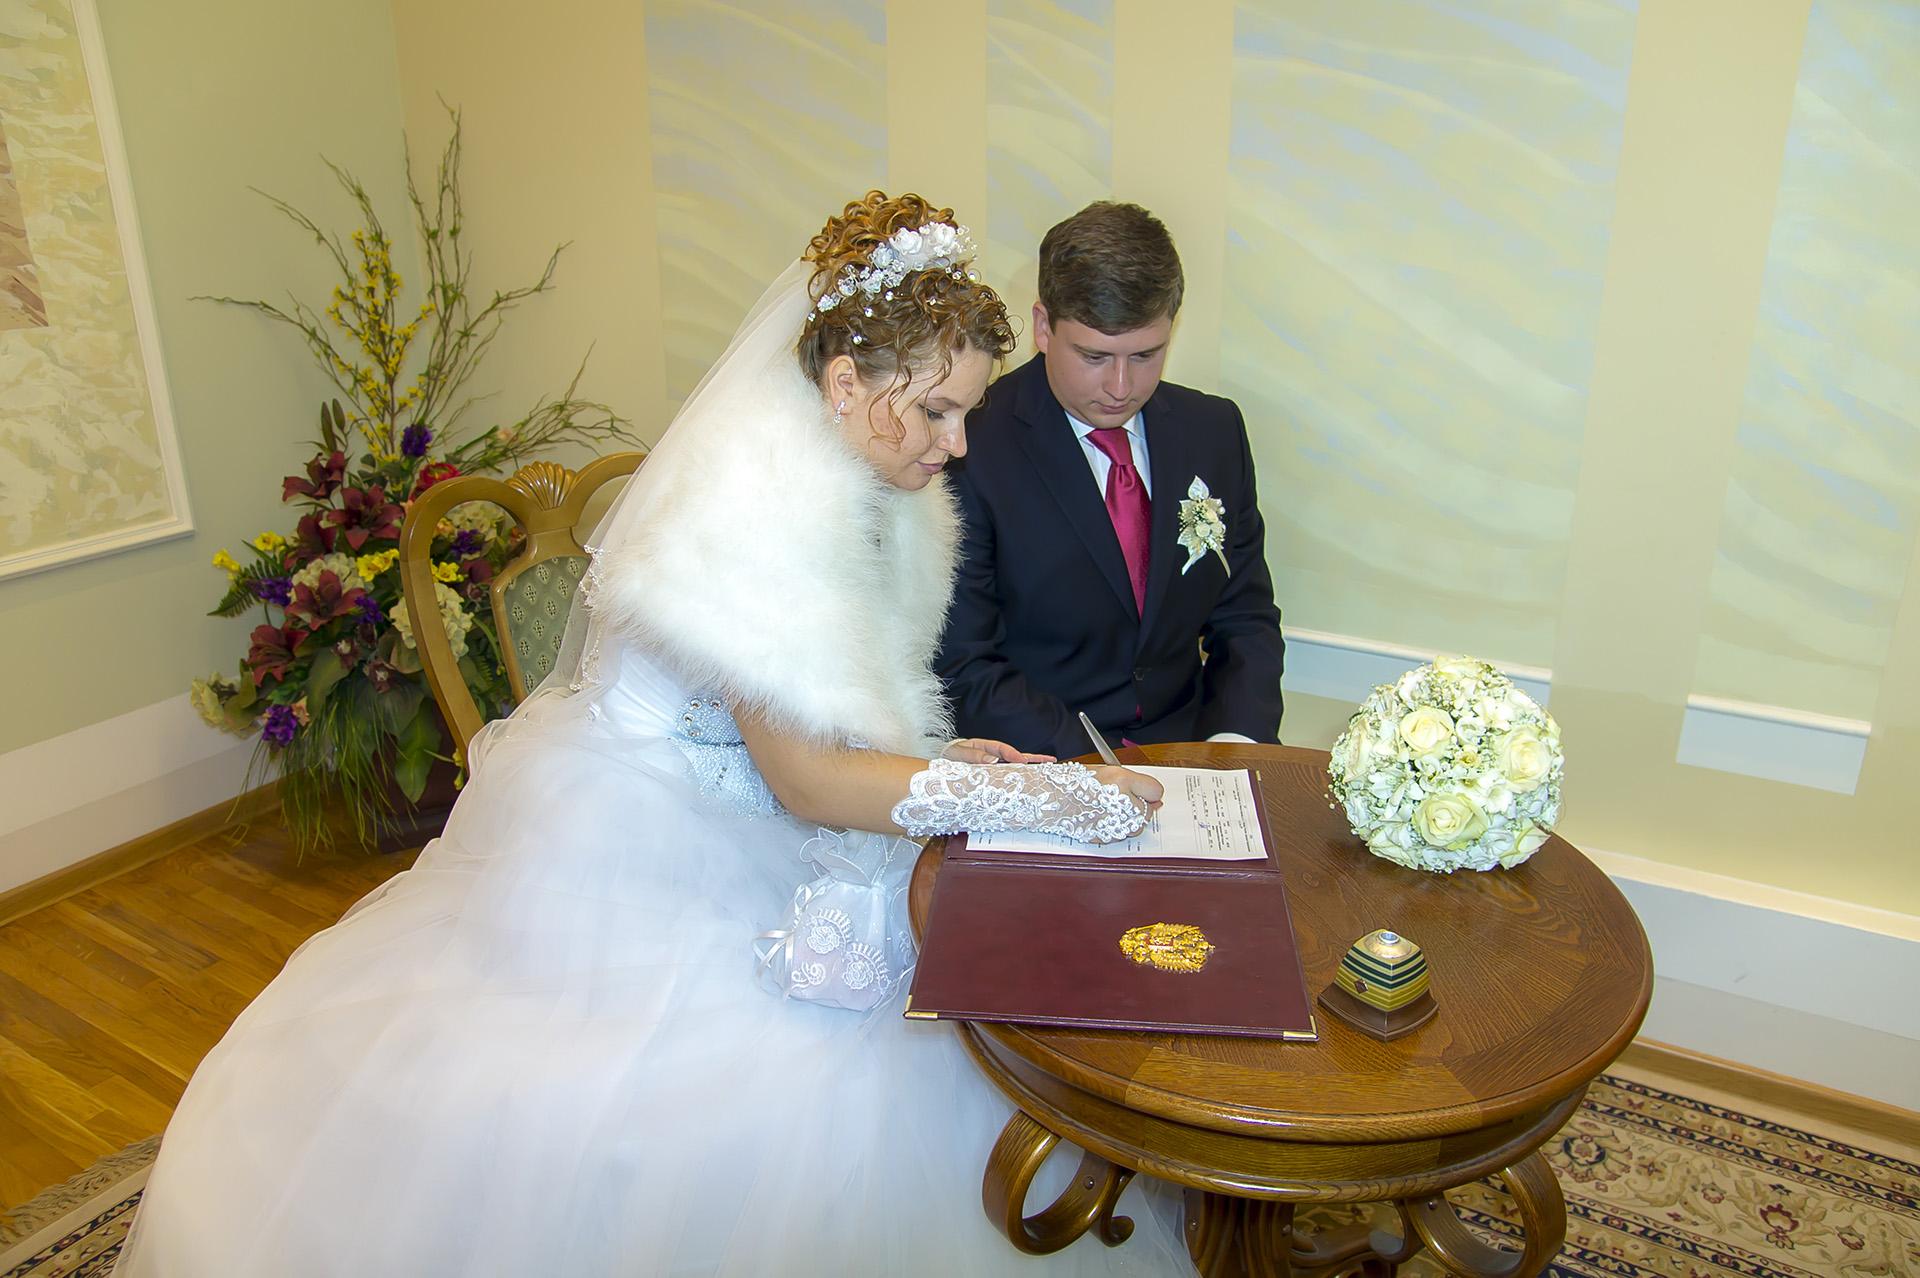 Дмитрий и Татьяна. Регистрация брака